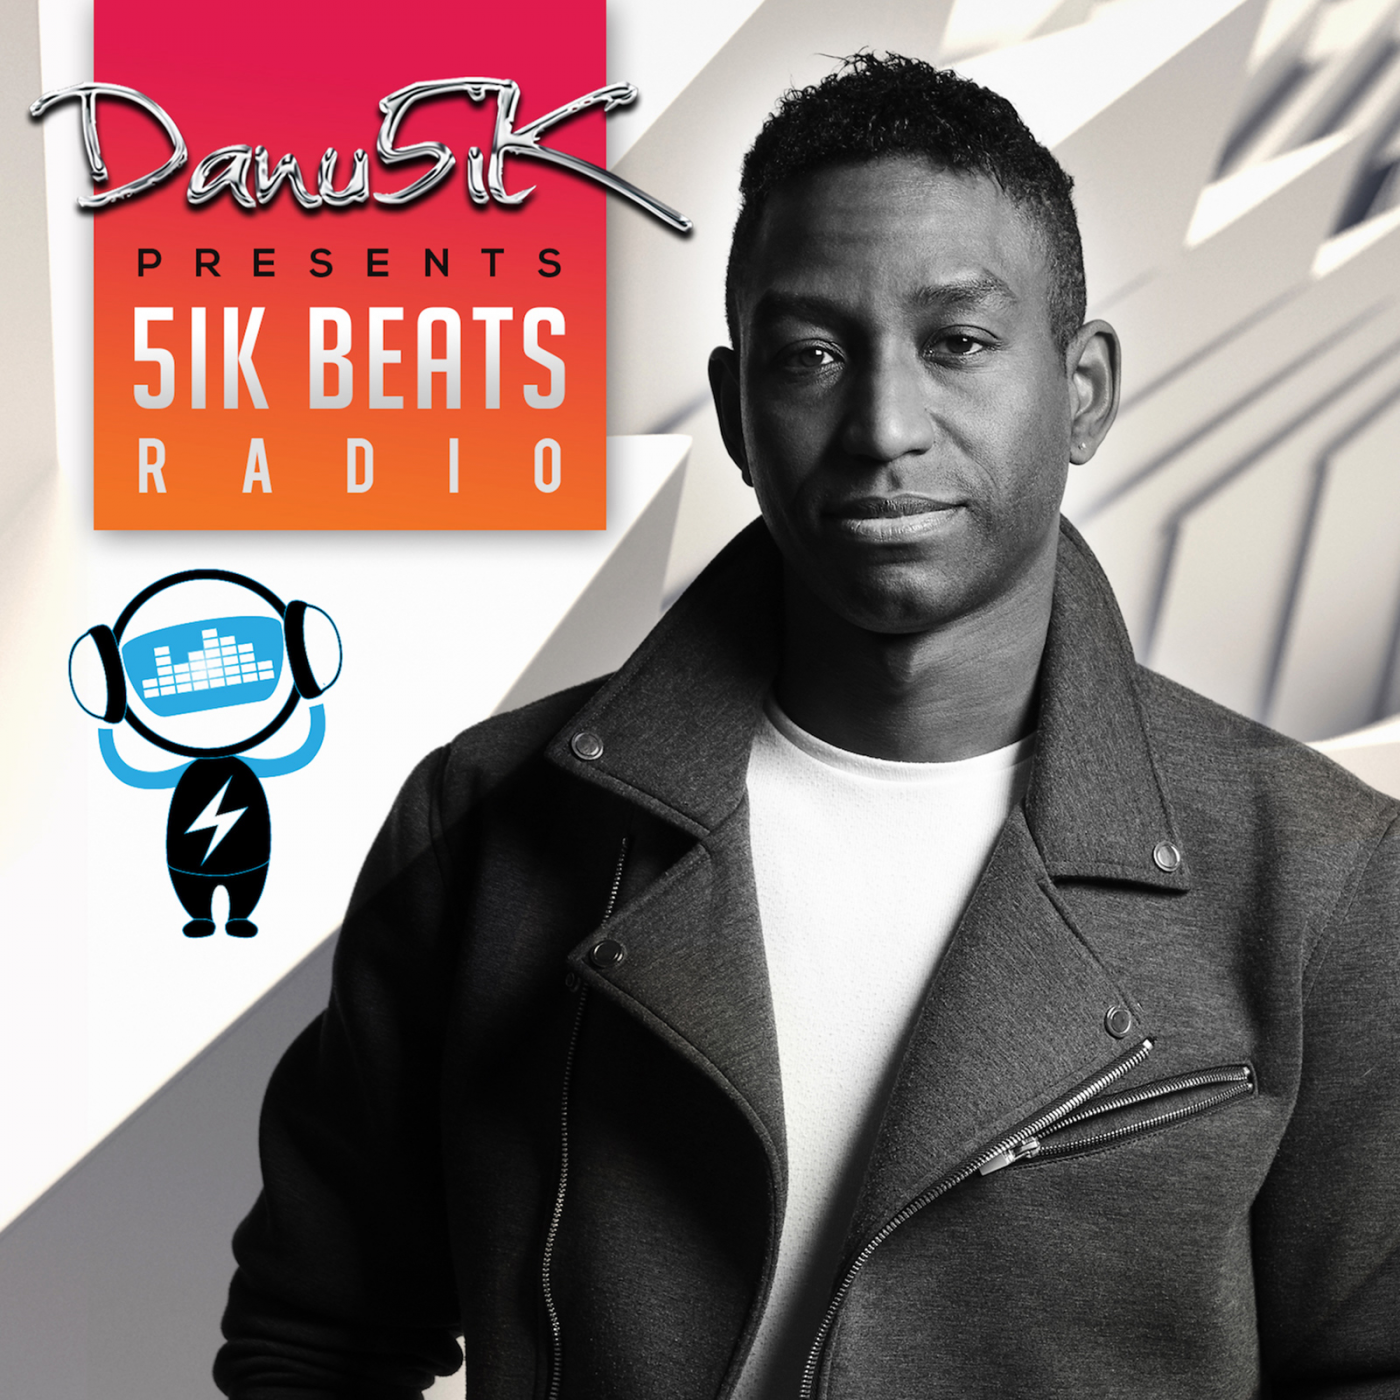 5ik Beats Radio 109 | Danu5ik